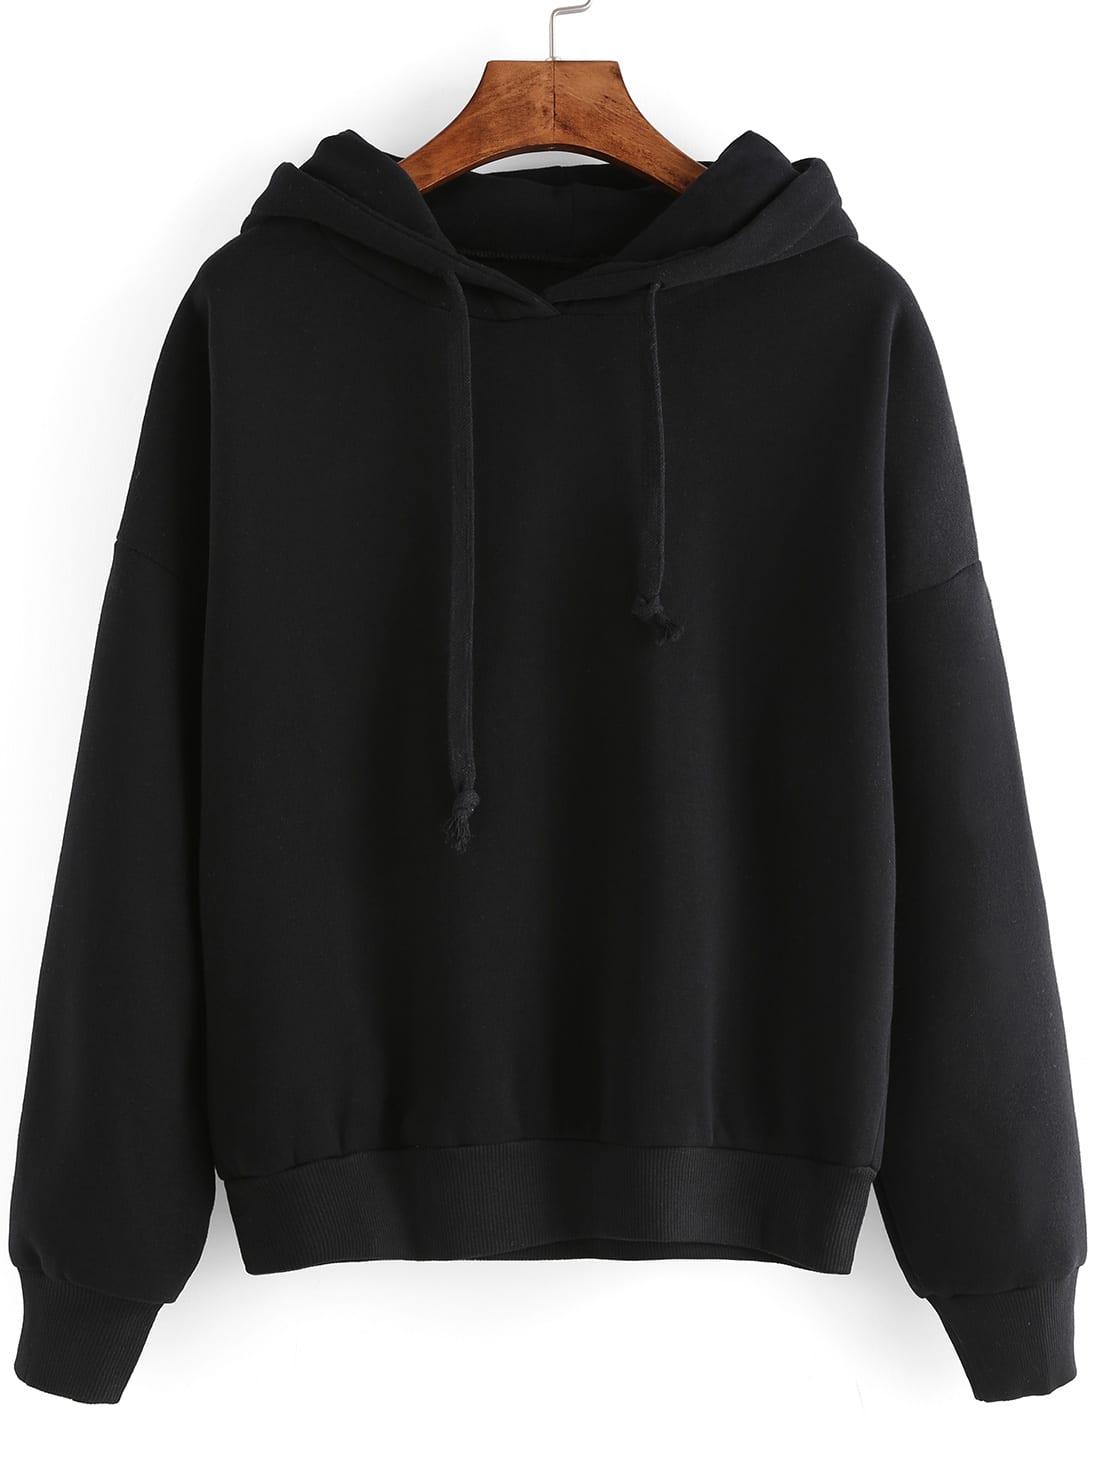 Black Hooded Long Sleeve Crop Sweatshirt